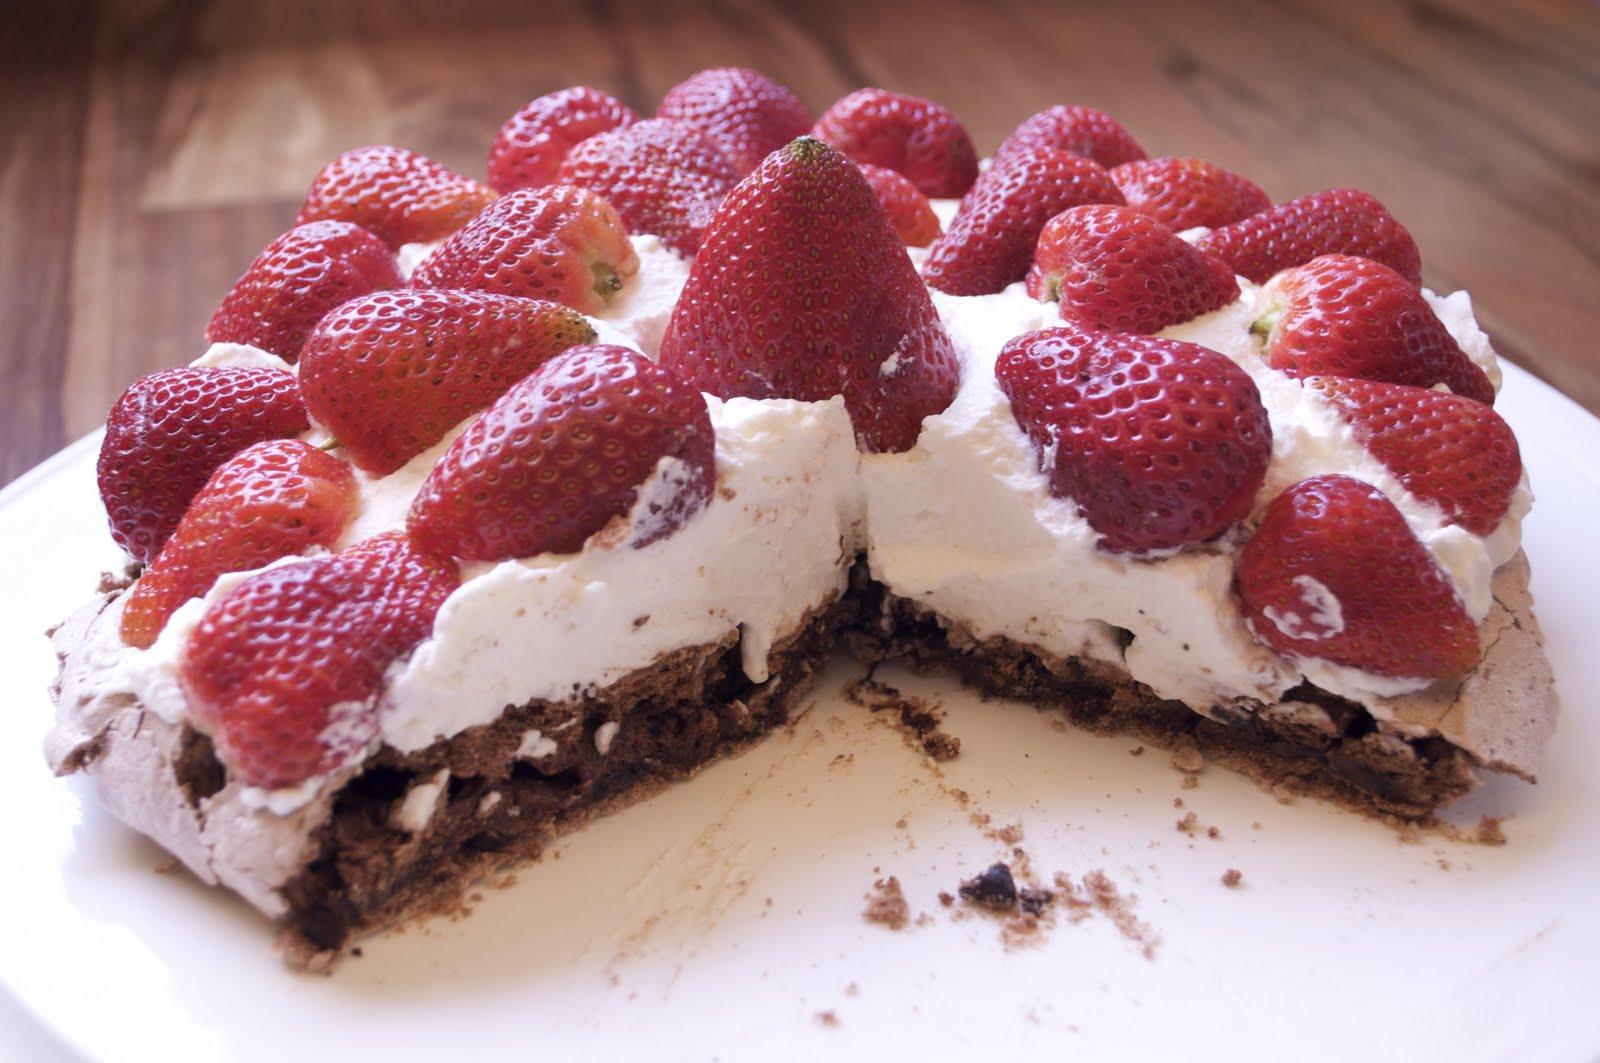 Chocolate Pavlova with Strawberries